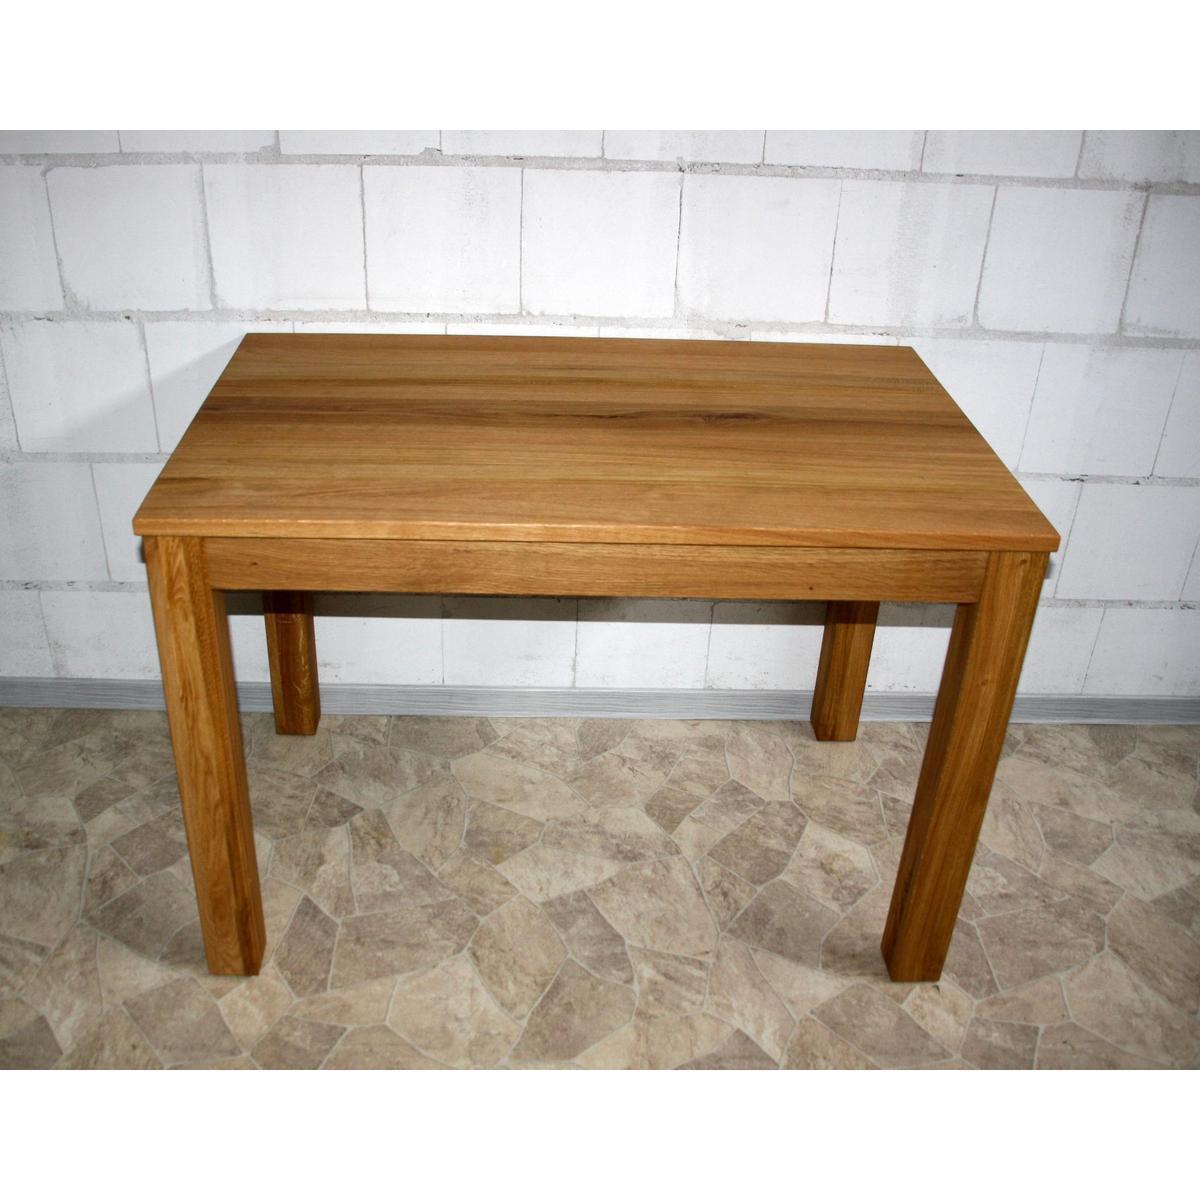 echtholz pc tisch schreibtisch 110x70 holz wildeiche massiv ge lt. Black Bedroom Furniture Sets. Home Design Ideas